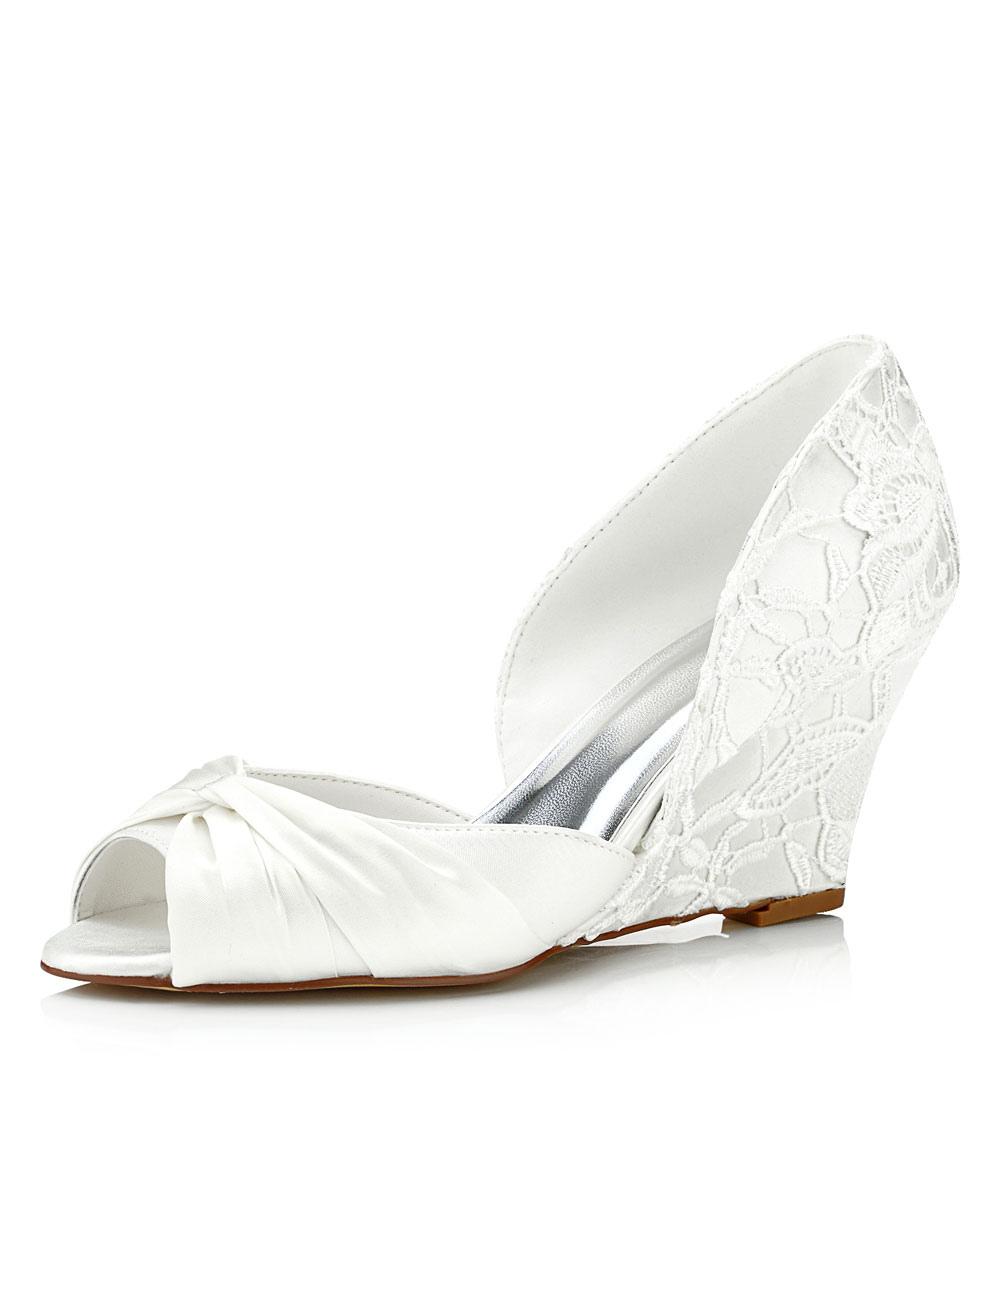 Lace Bridal Shoes Ivory Wedge Peep Twisted Slip-on Wedding Shoes